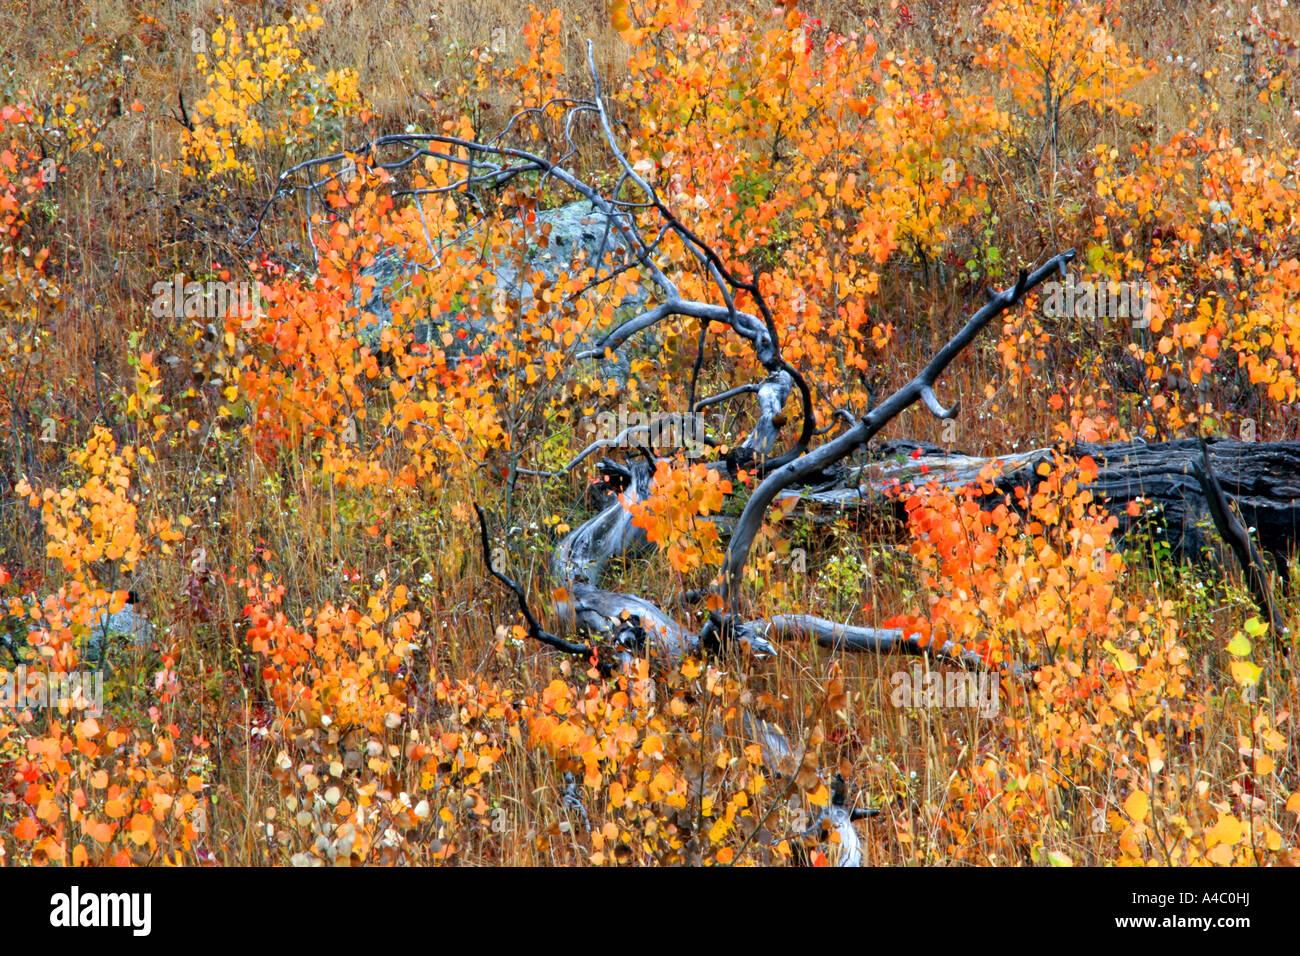 Couleurs d'automne, le parc national de Yellowstone, Wyoming Banque D'Images